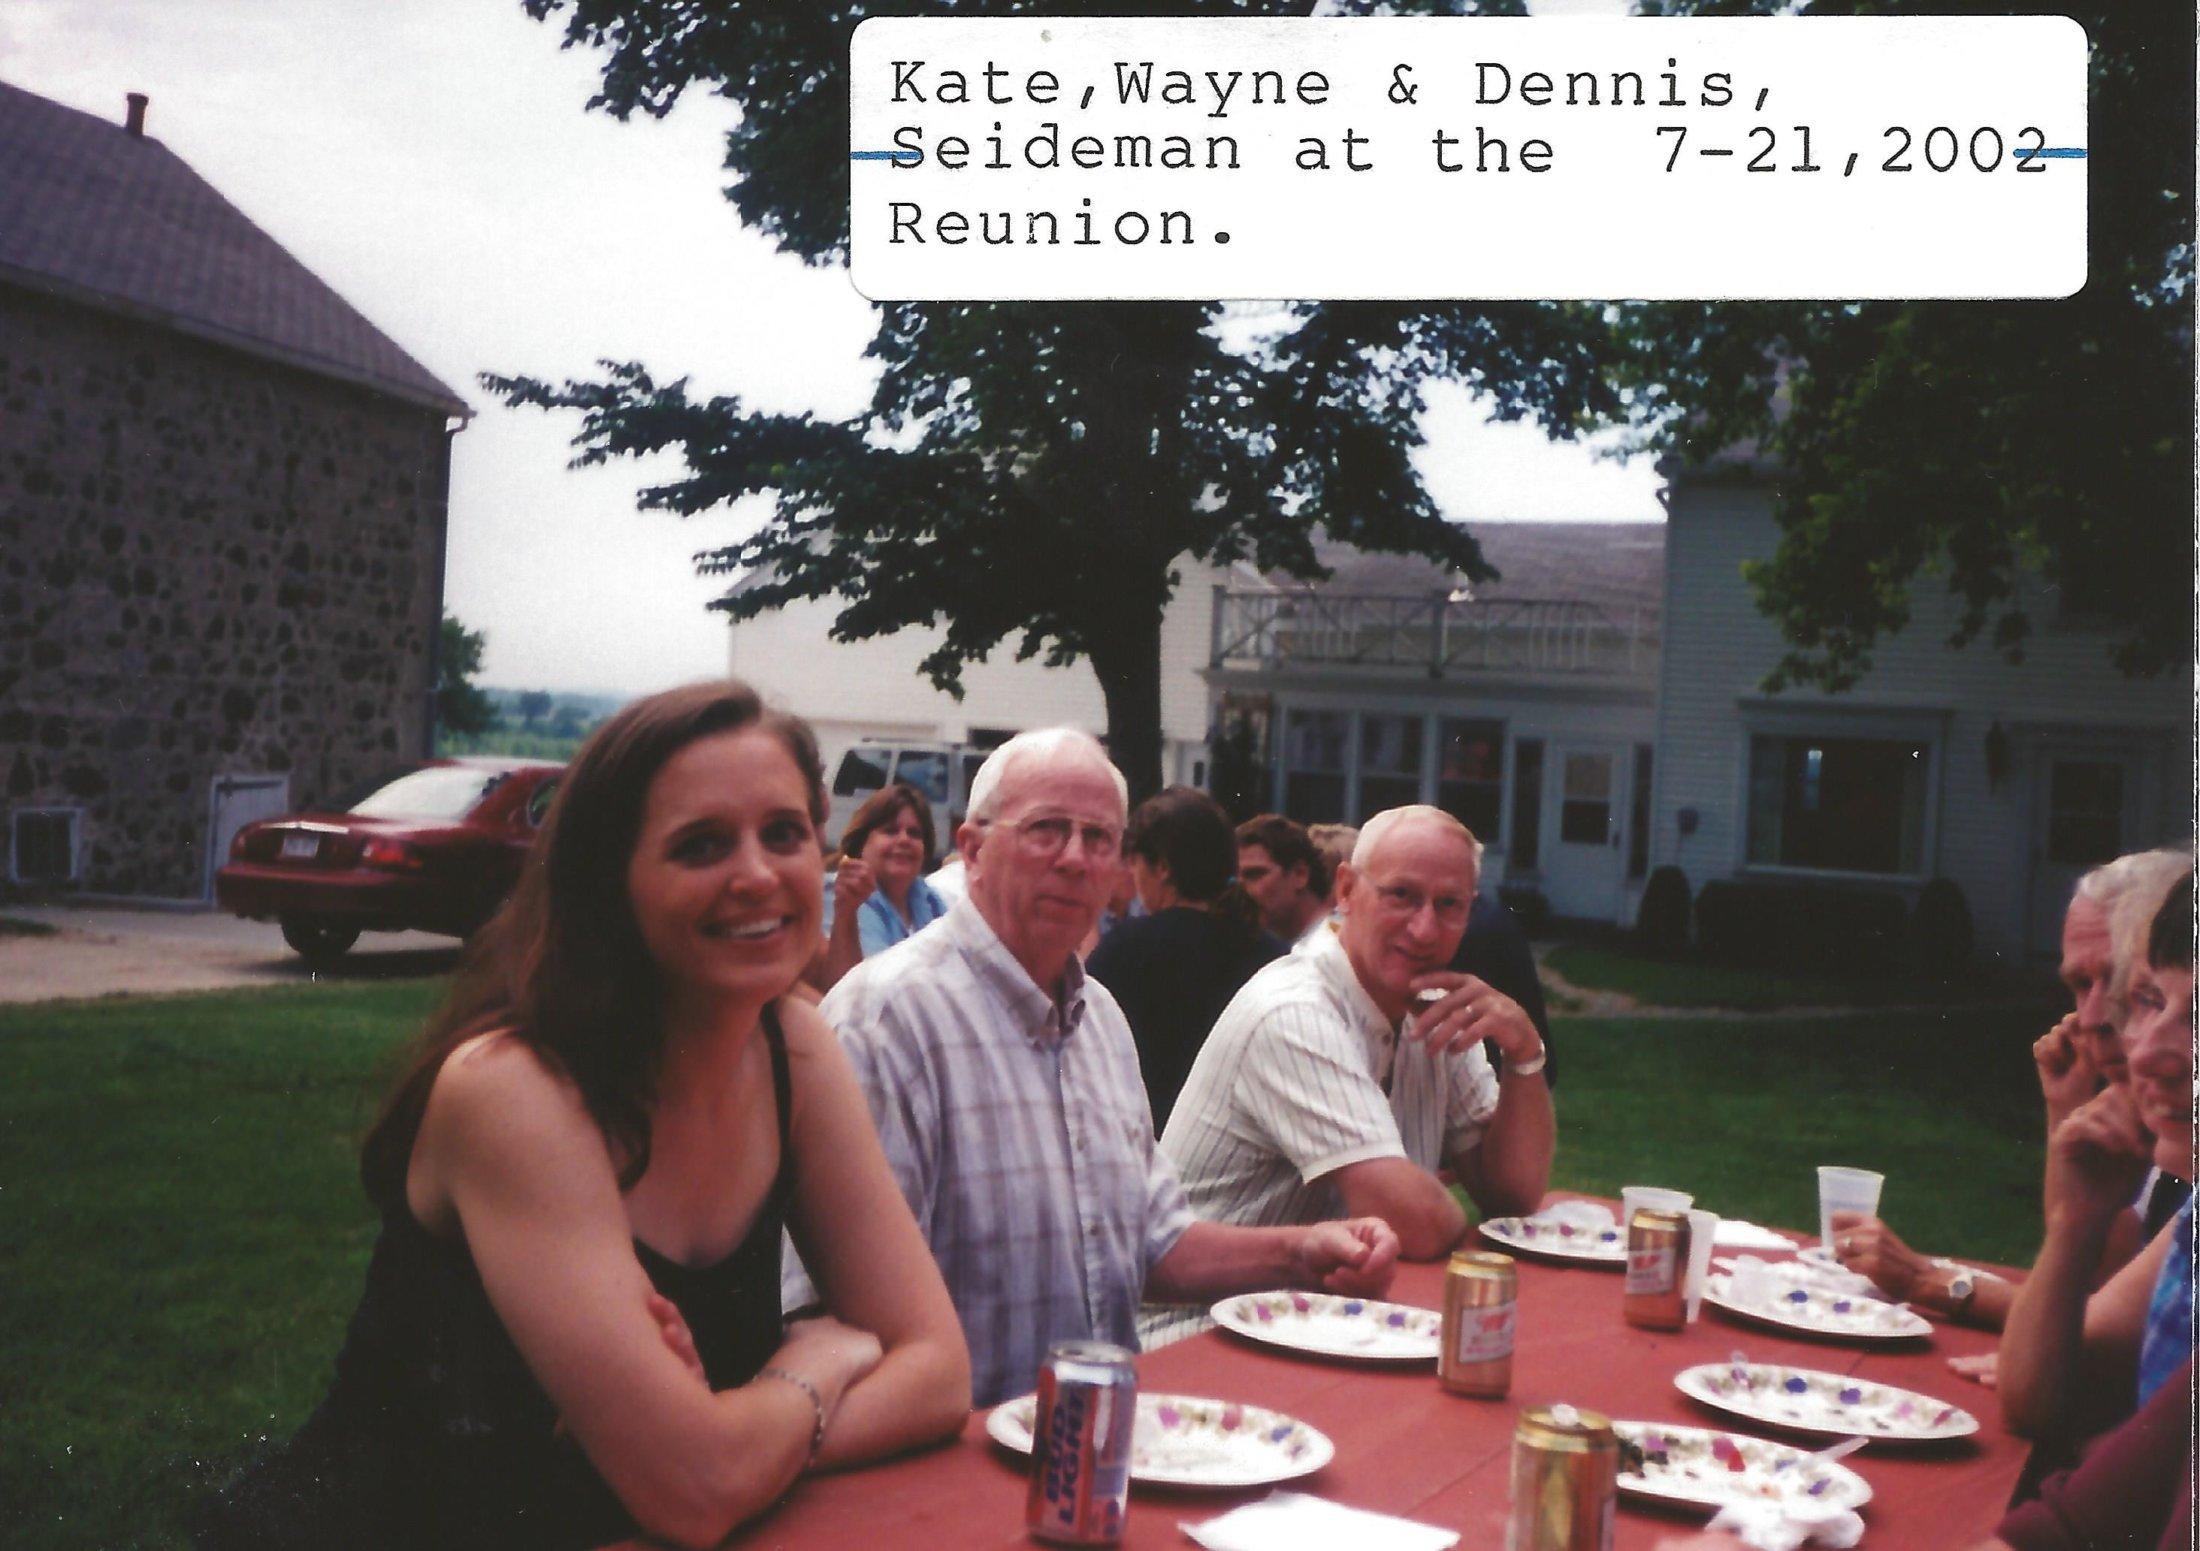 Shae, Wayne, & Dennis